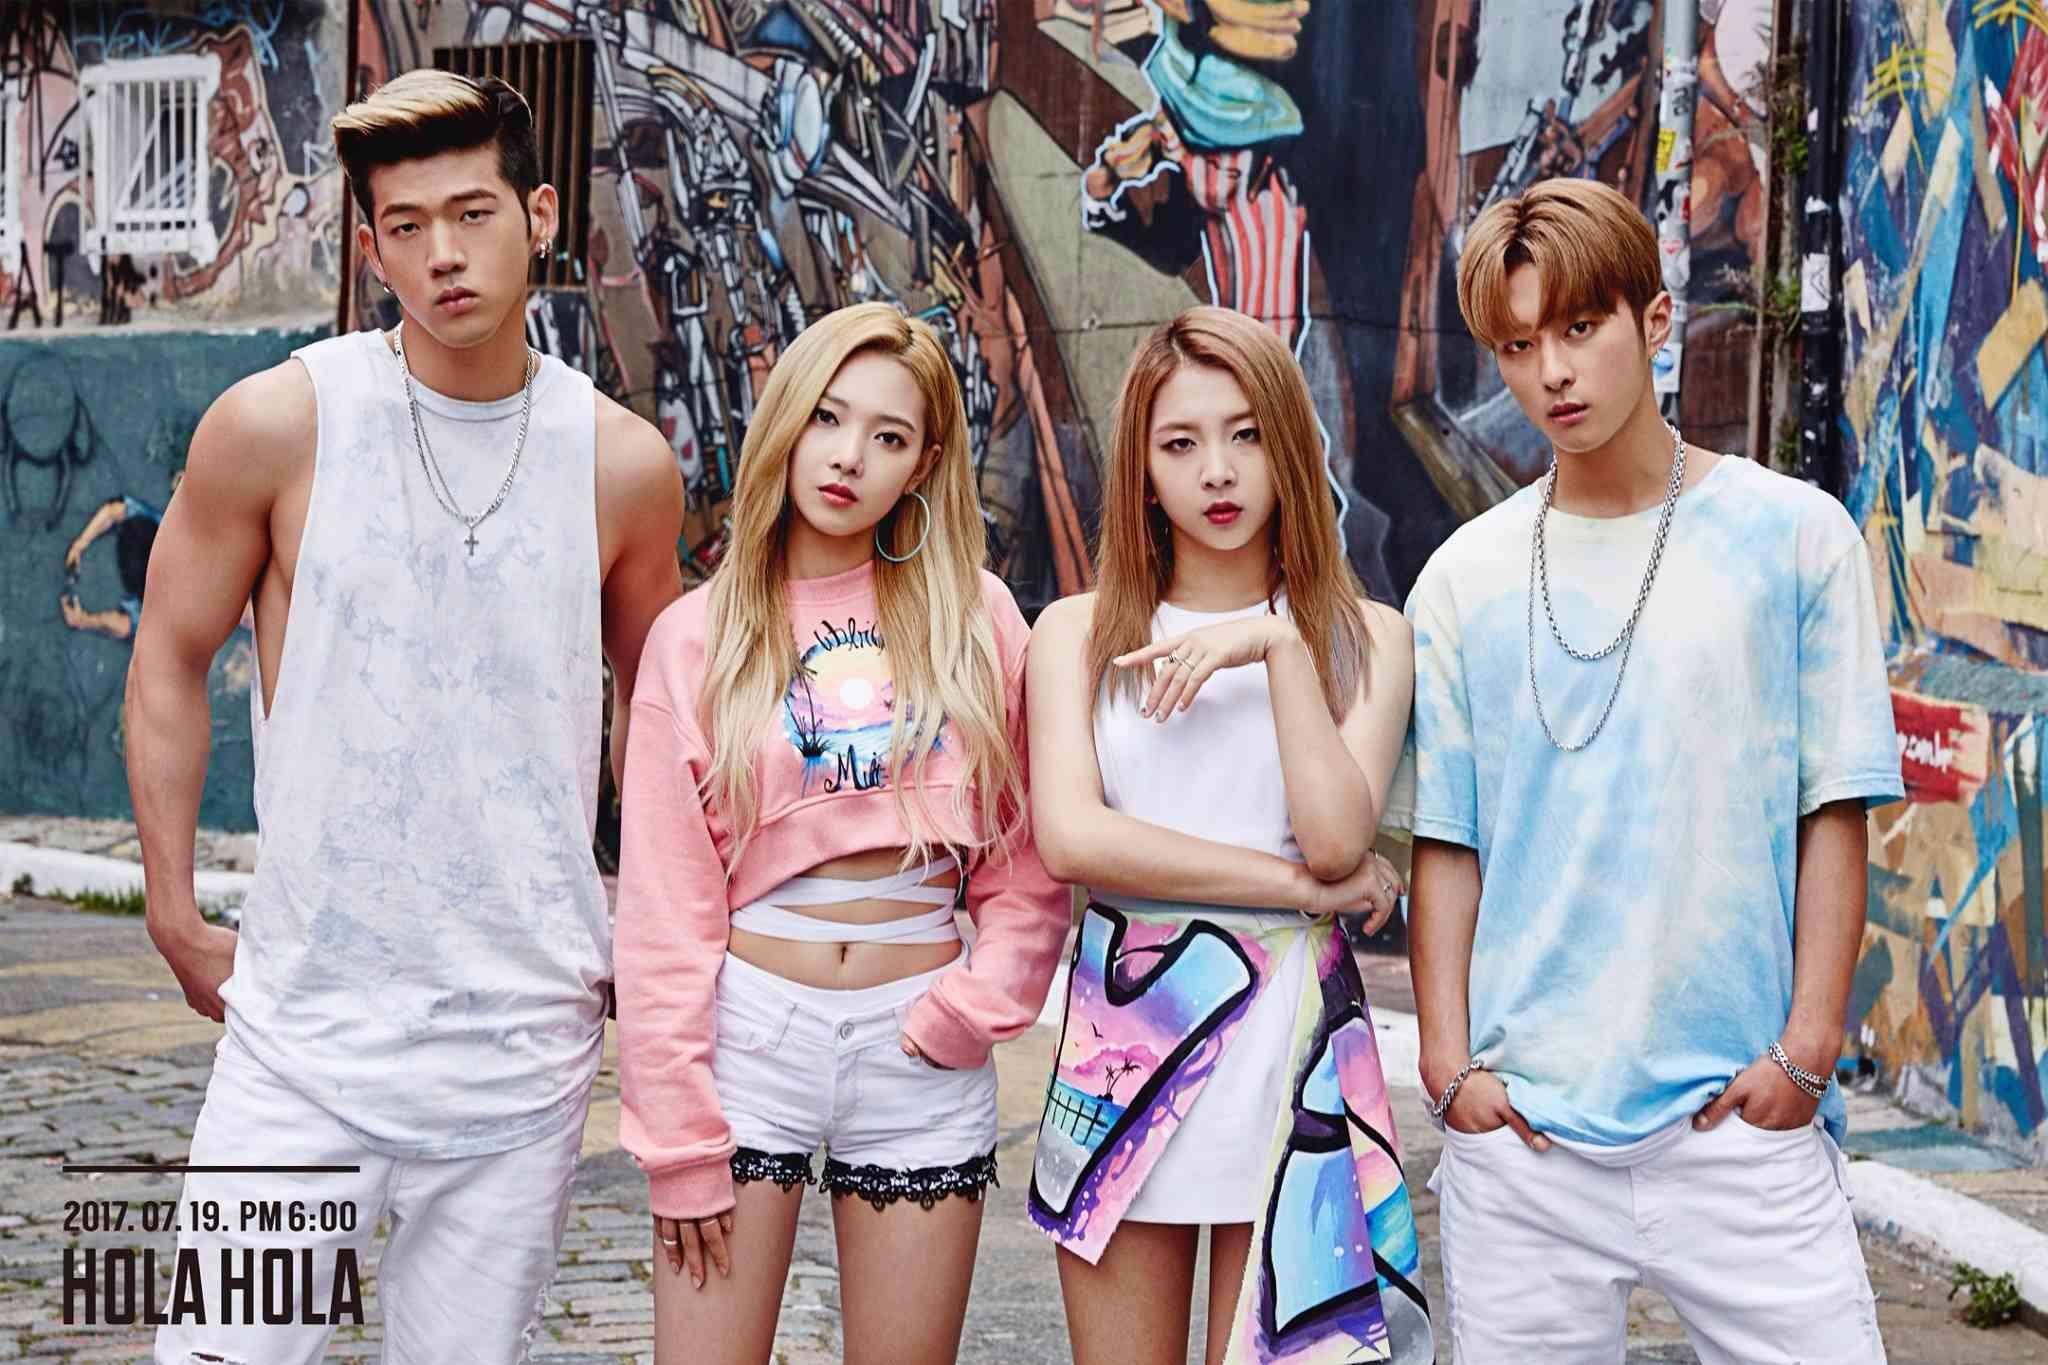 雖然說是混聲團體,但女成員和男成員可說是勢均力敵。 由男成員組成的Rap Line和女成員們組成的主唱Line,雖是各自完成了自己角色需要的做的事,但Rap和Vocal的部分卻能融洽的融和在音樂中。  尤其是成員們兼具作詞、作曲、編舞的能力,也引起了大眾的興趣 。 而做為韓國最初推出的混聲組合《ZAM》的經紀公司,DSP Media正以KARD作為準備東山再起的一手好牌。